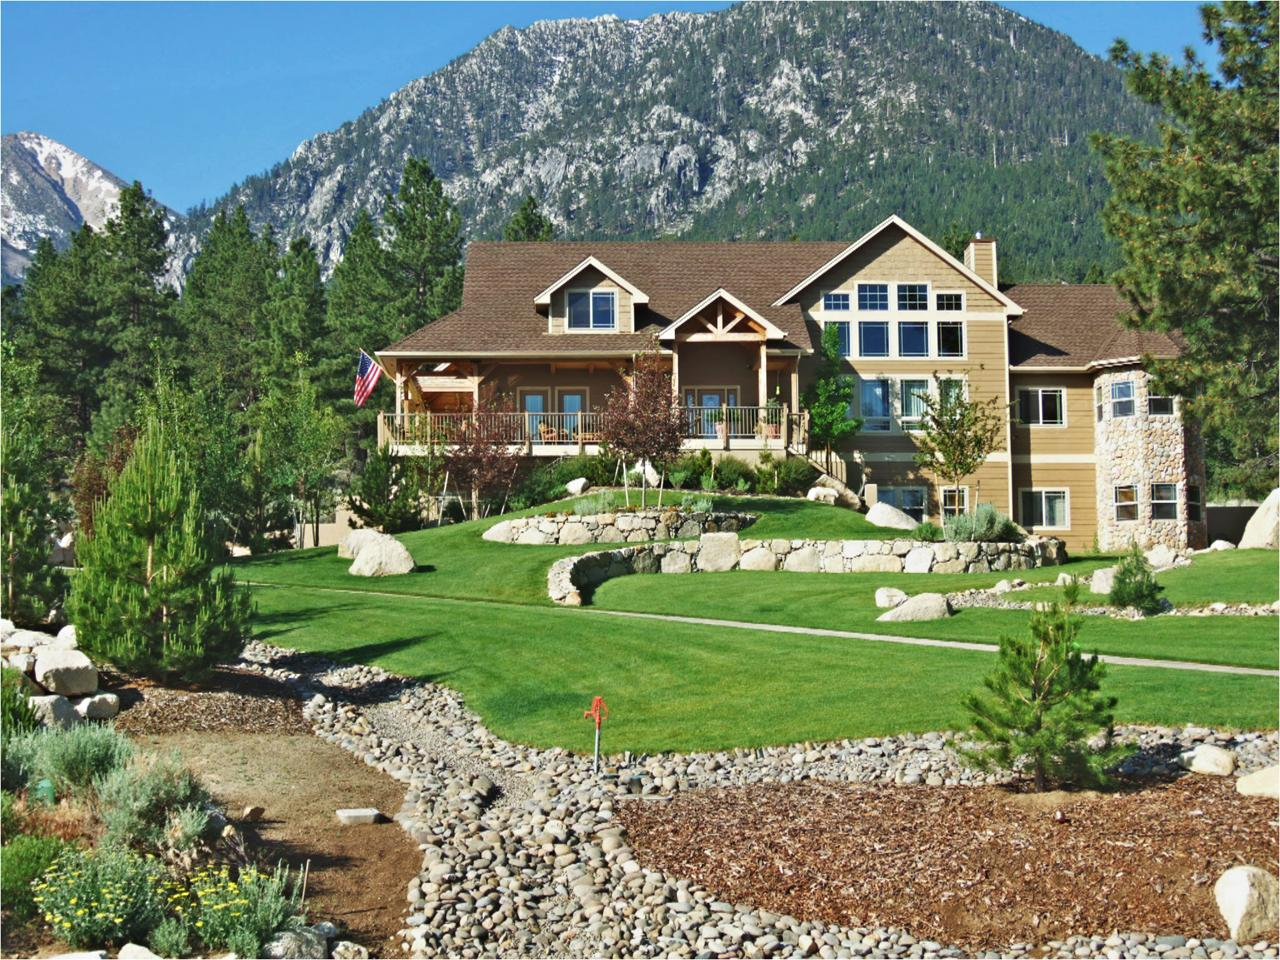 1101 Sierra Country Ct, Gardnerville, Nevada 89460